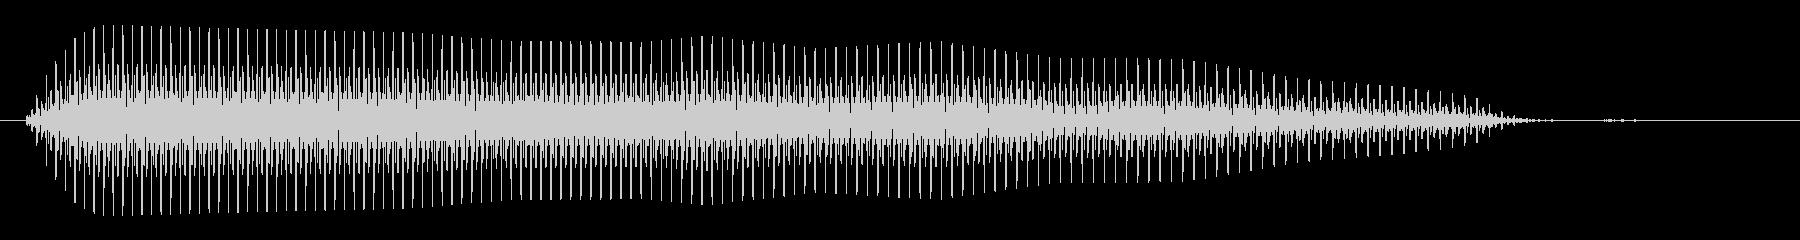 ブワ↓〜ン(下がっていく)の未再生の波形